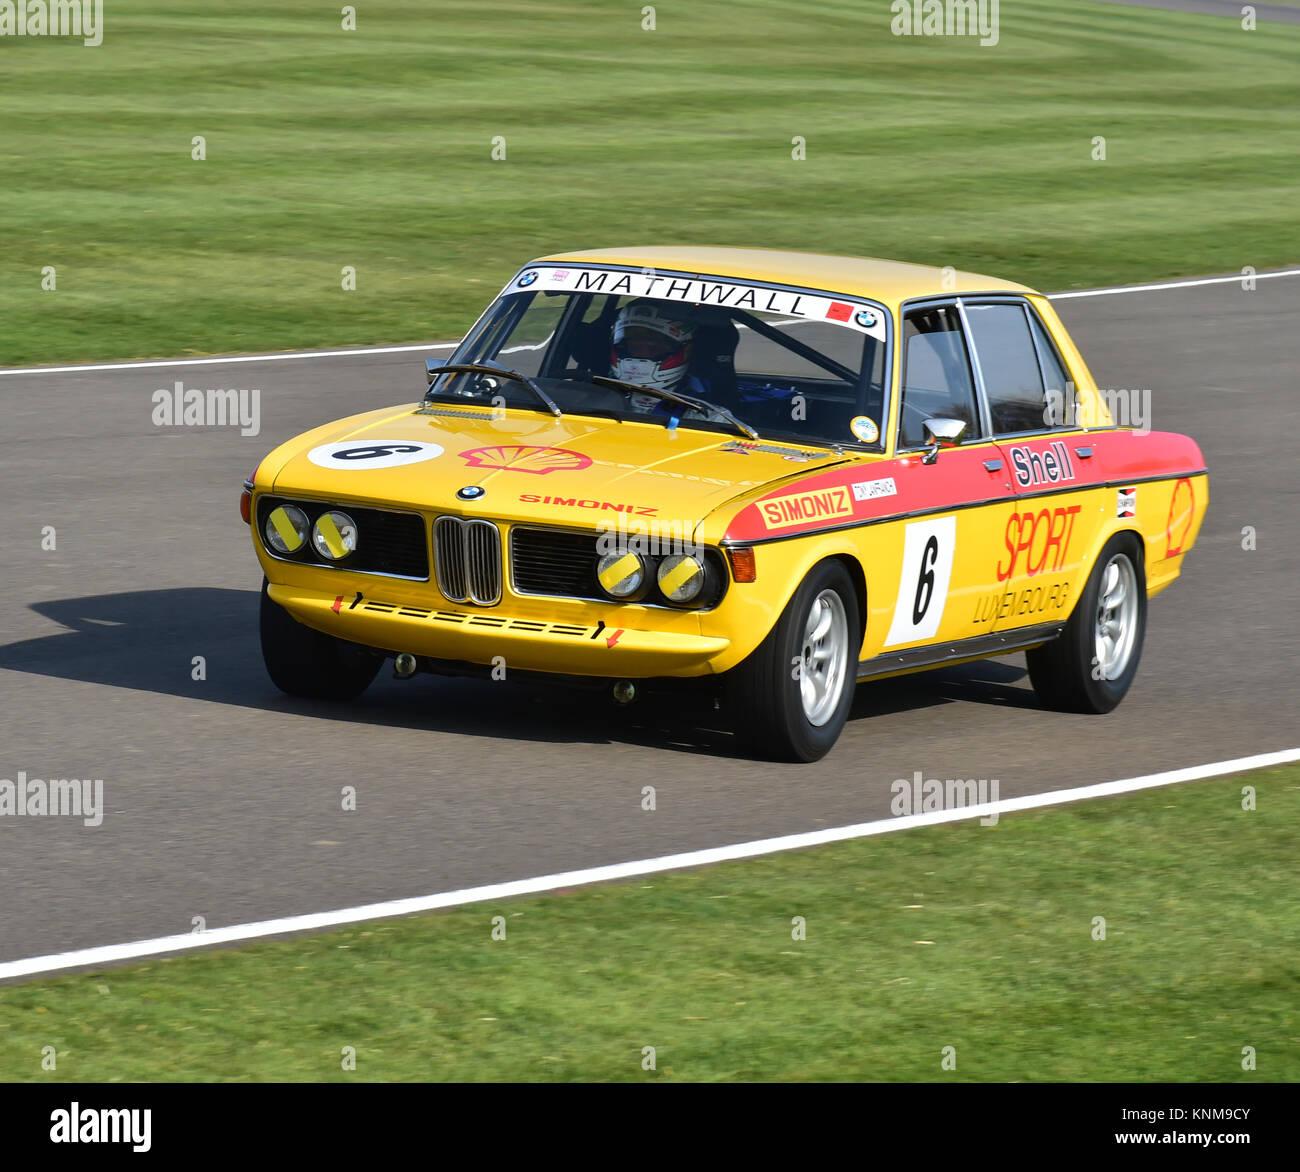 Alex Elliott BMW Si Gerry Marshall Trophy Goodwood Nd - Bmw 3 0 si